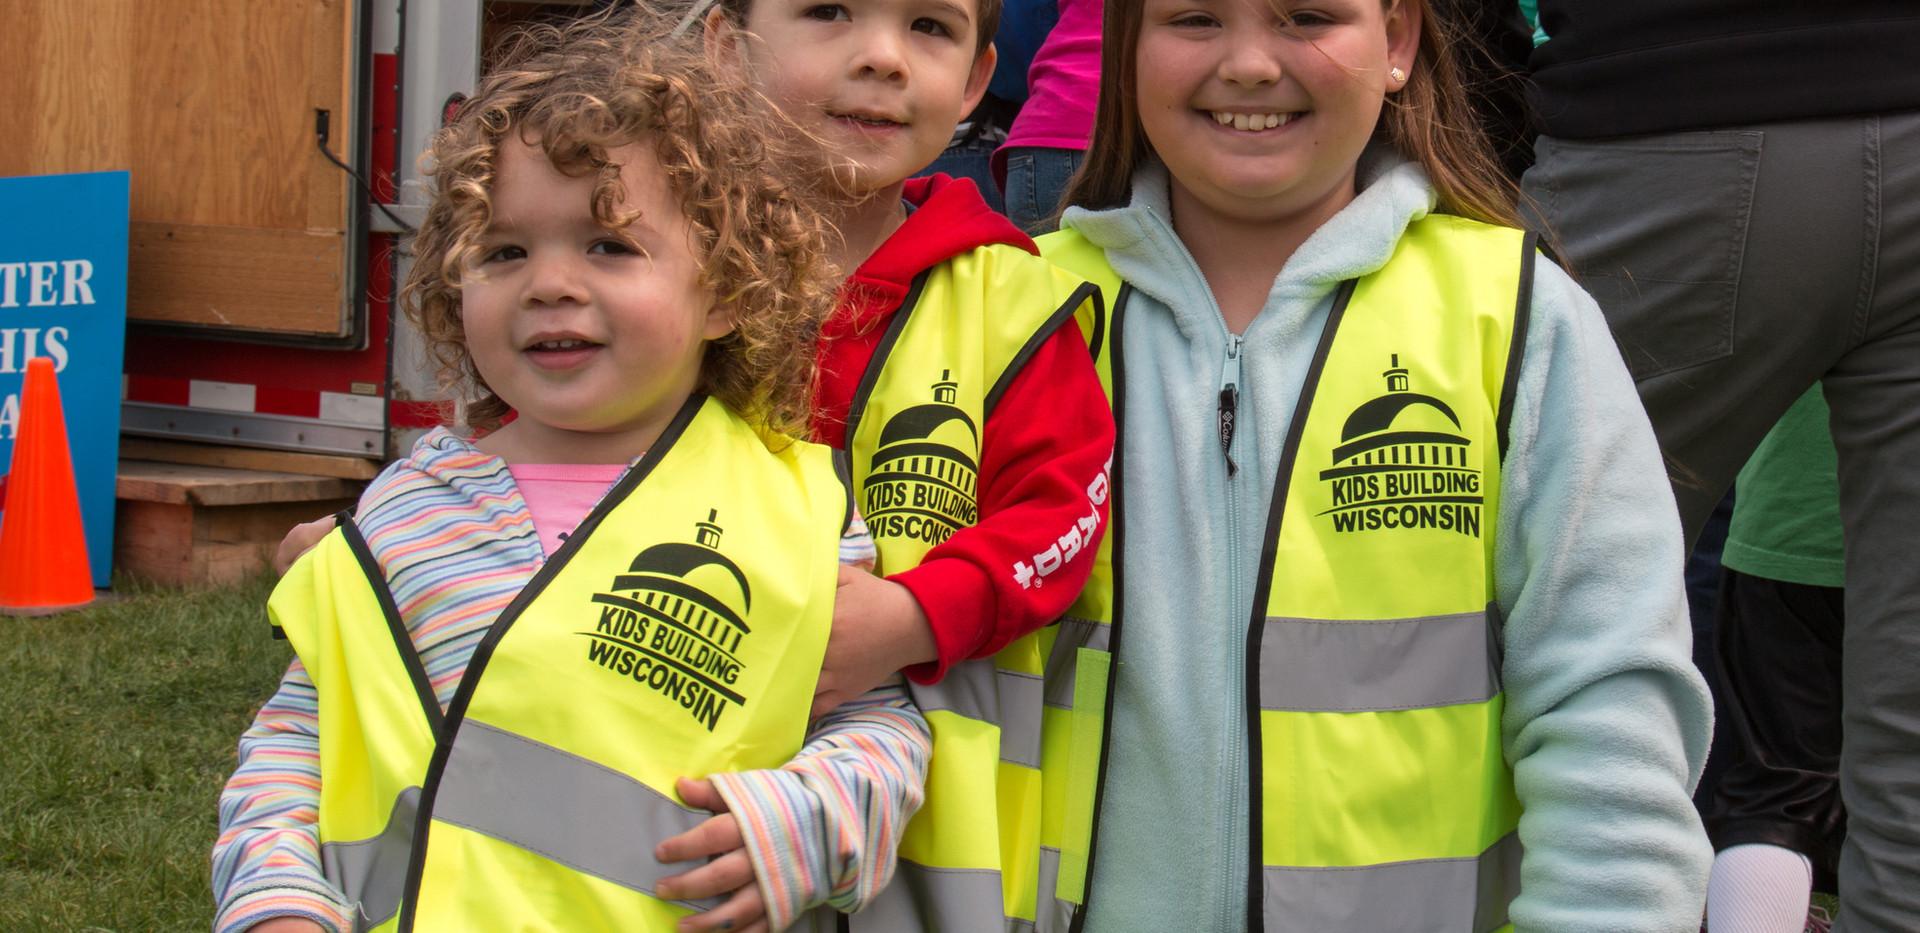 KBW Vests Smiling Kids.jpg